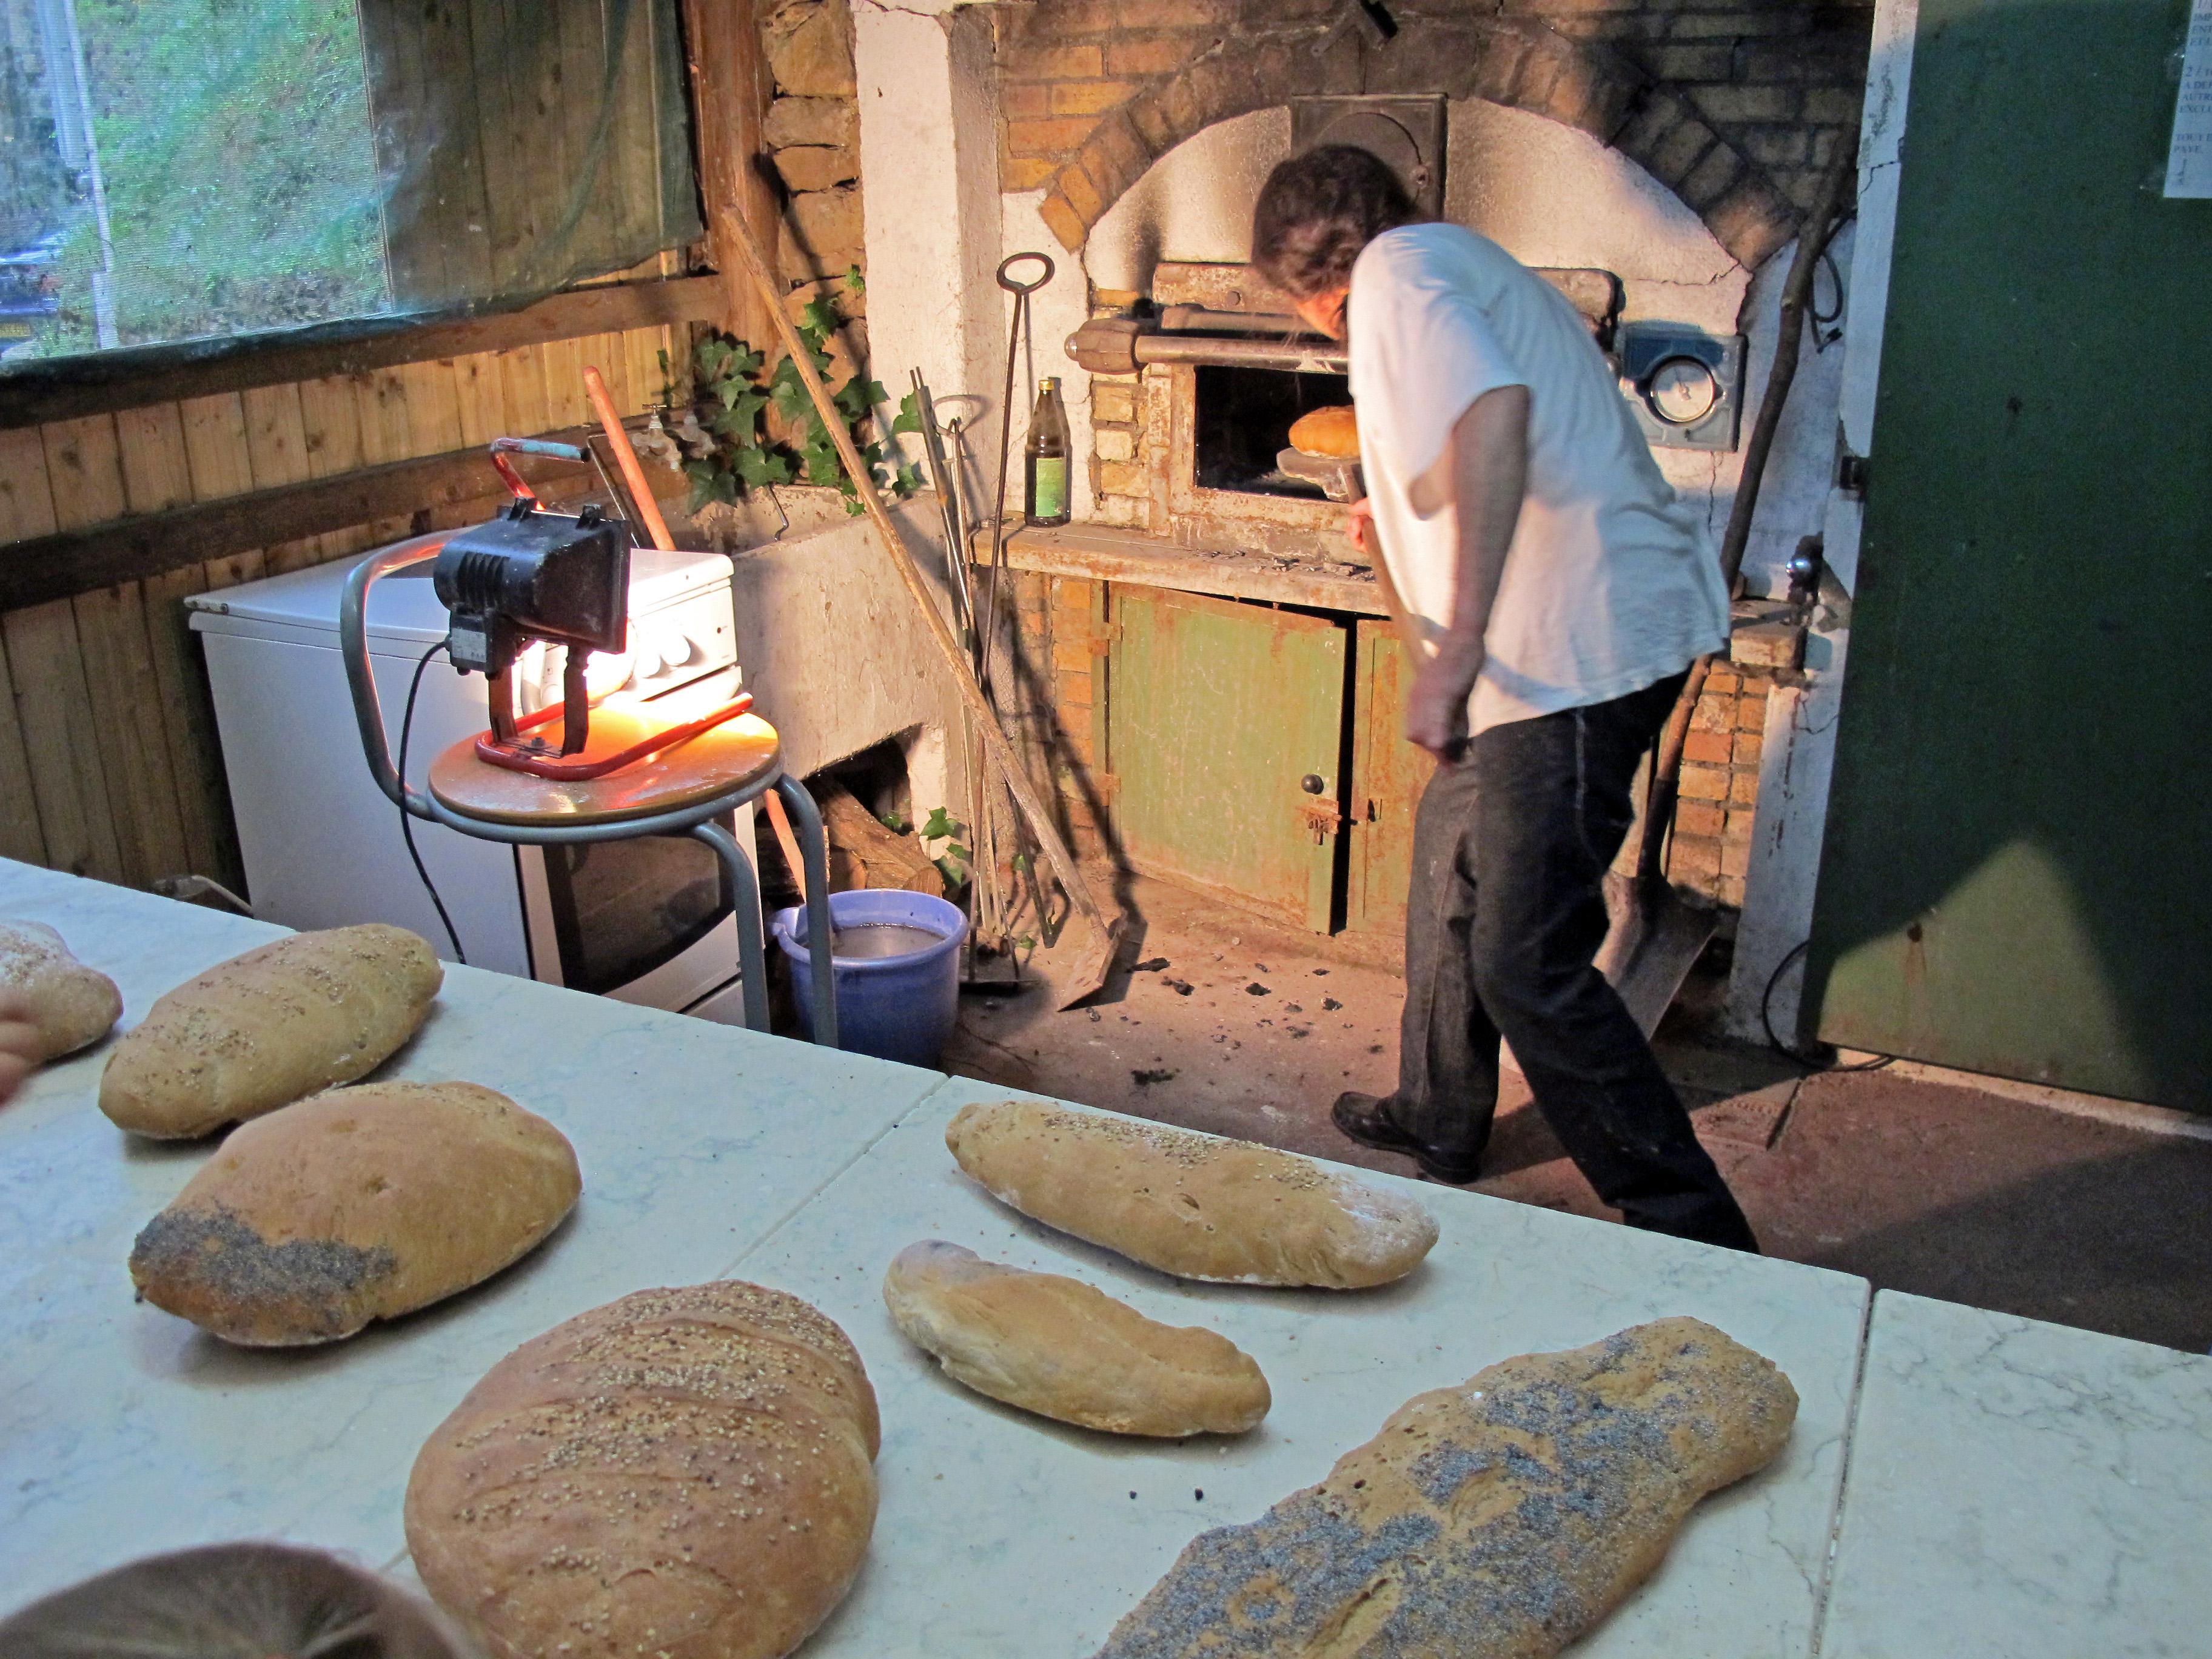 Les pains sortent du four à bois